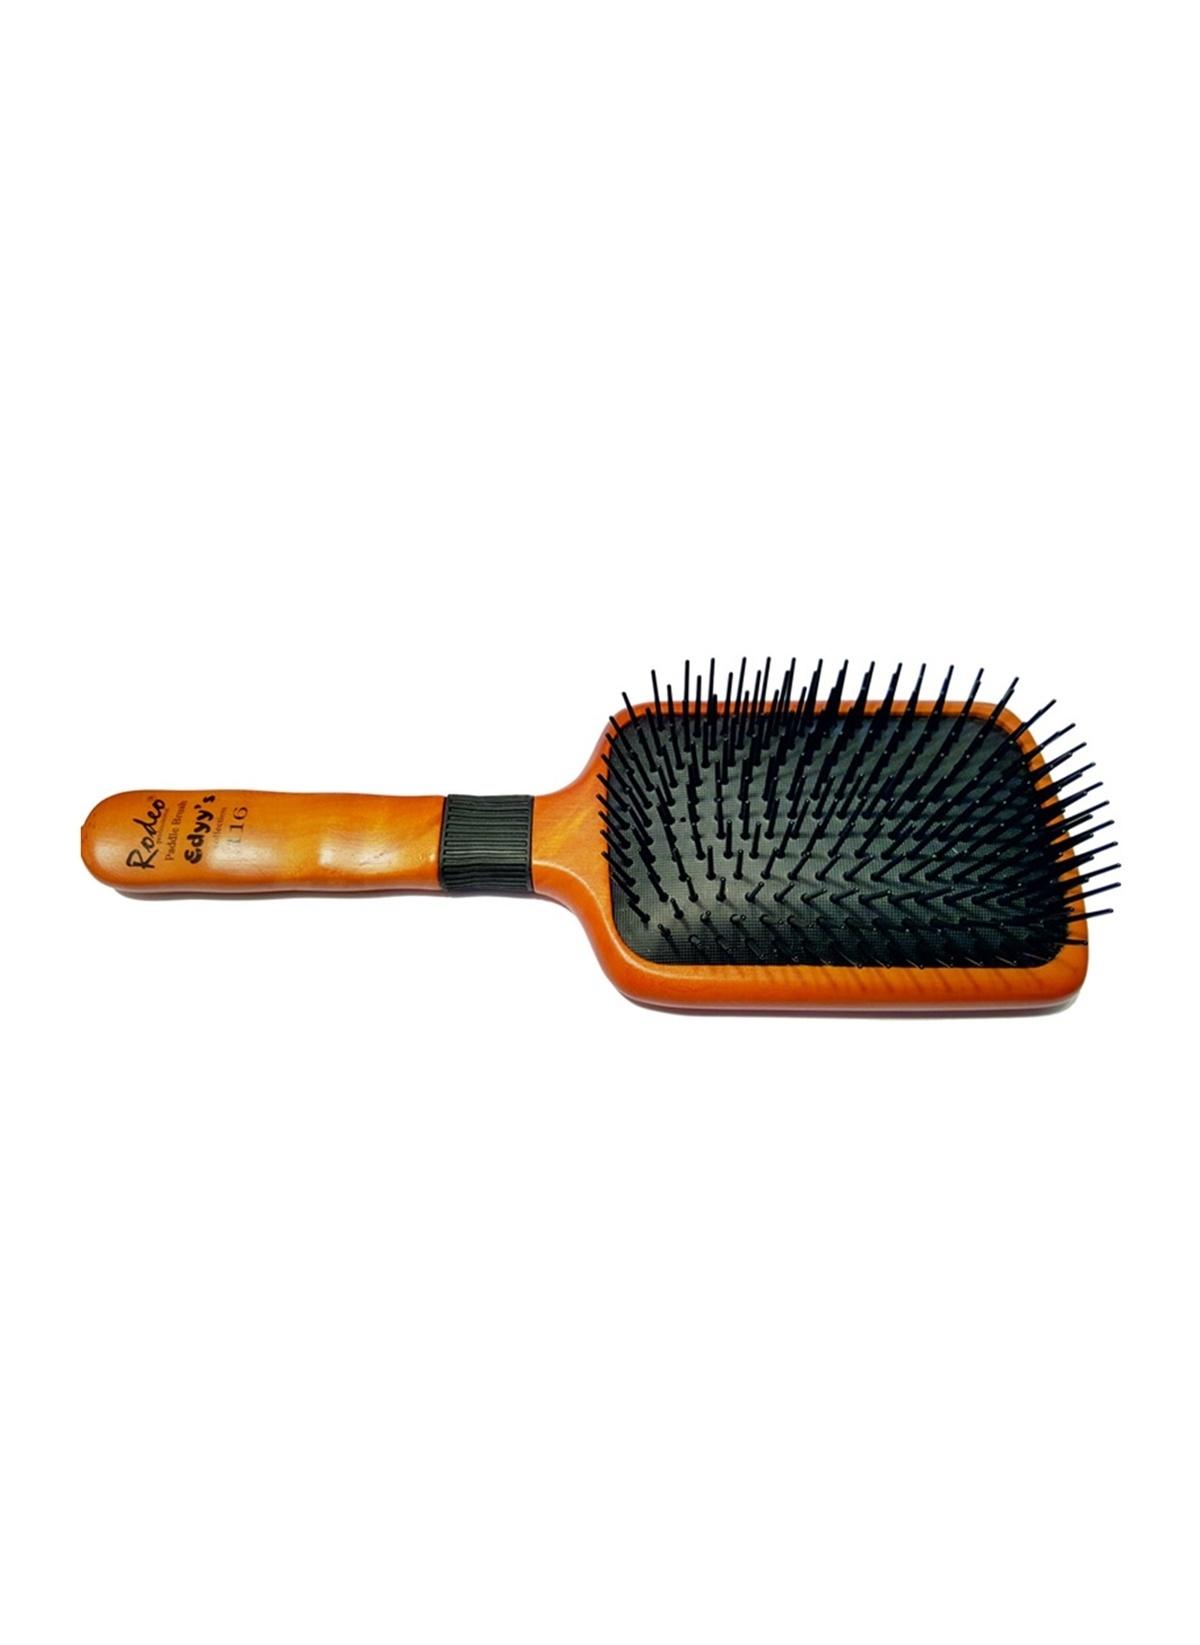 Rodeo Saç Fırçası Ve Tarak Rodeo Professıonal Edyy S 116 Pro Saç Aç – 54.9 TL